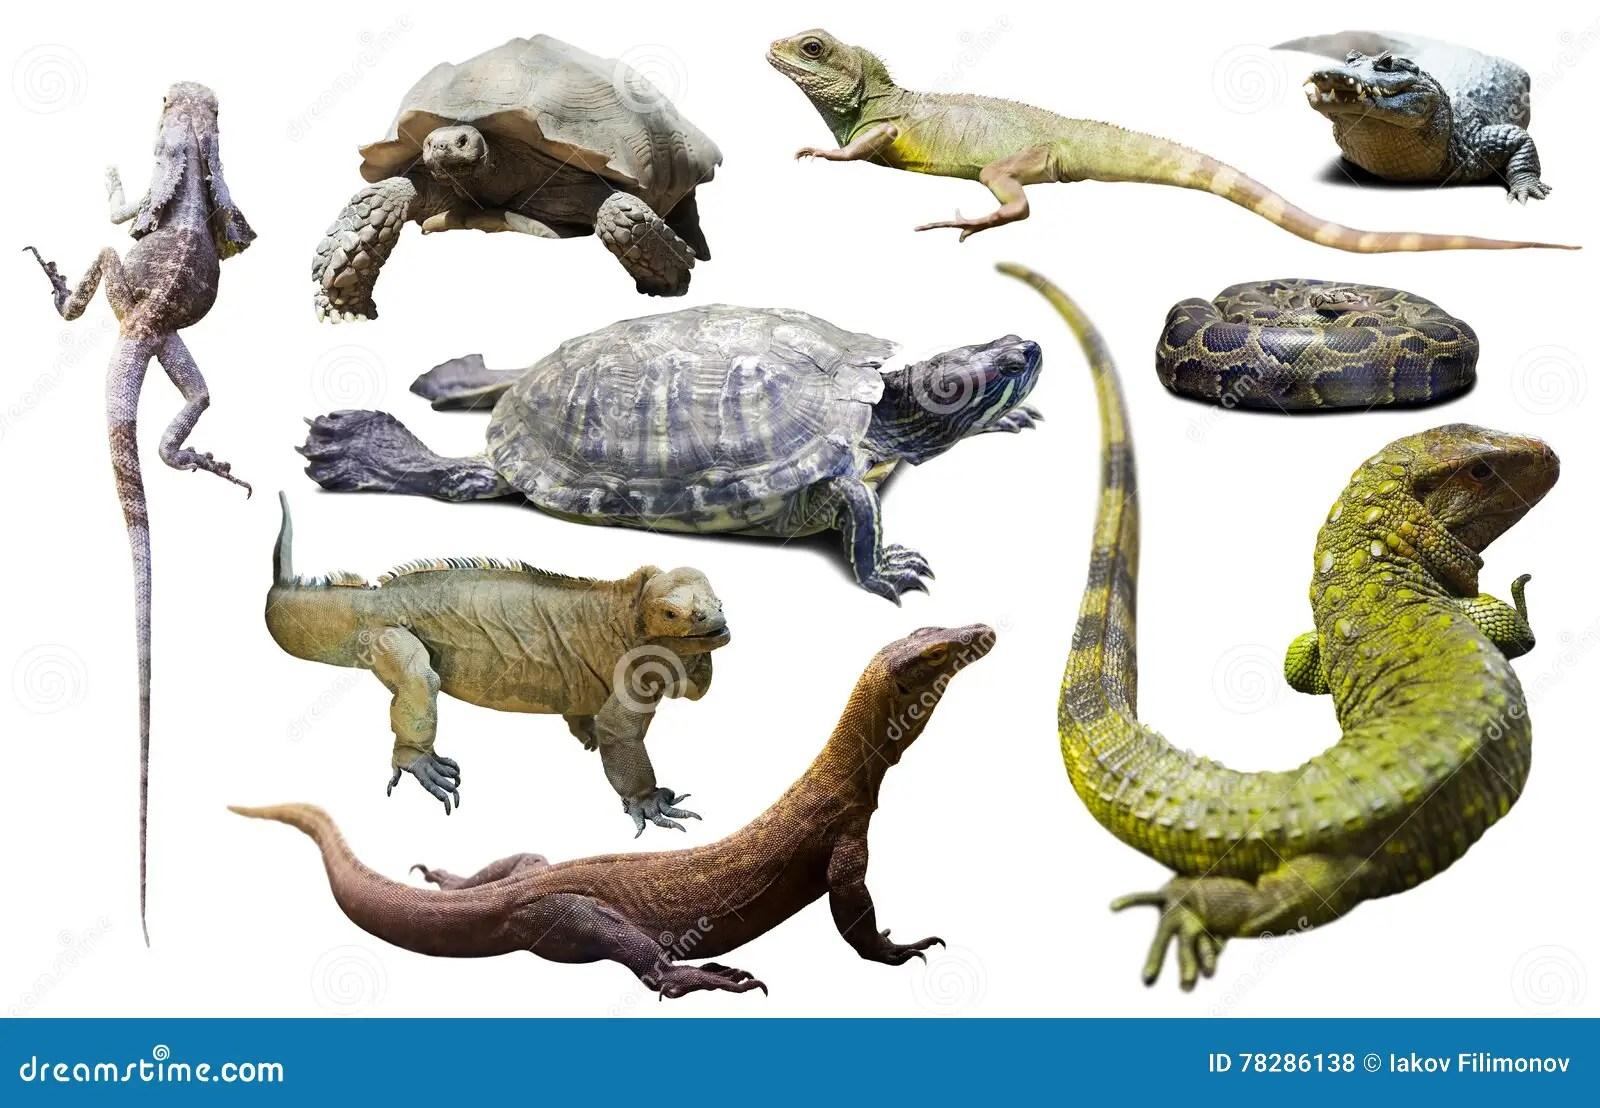 Sistema De Reptiles Aislados Foto De Archivo